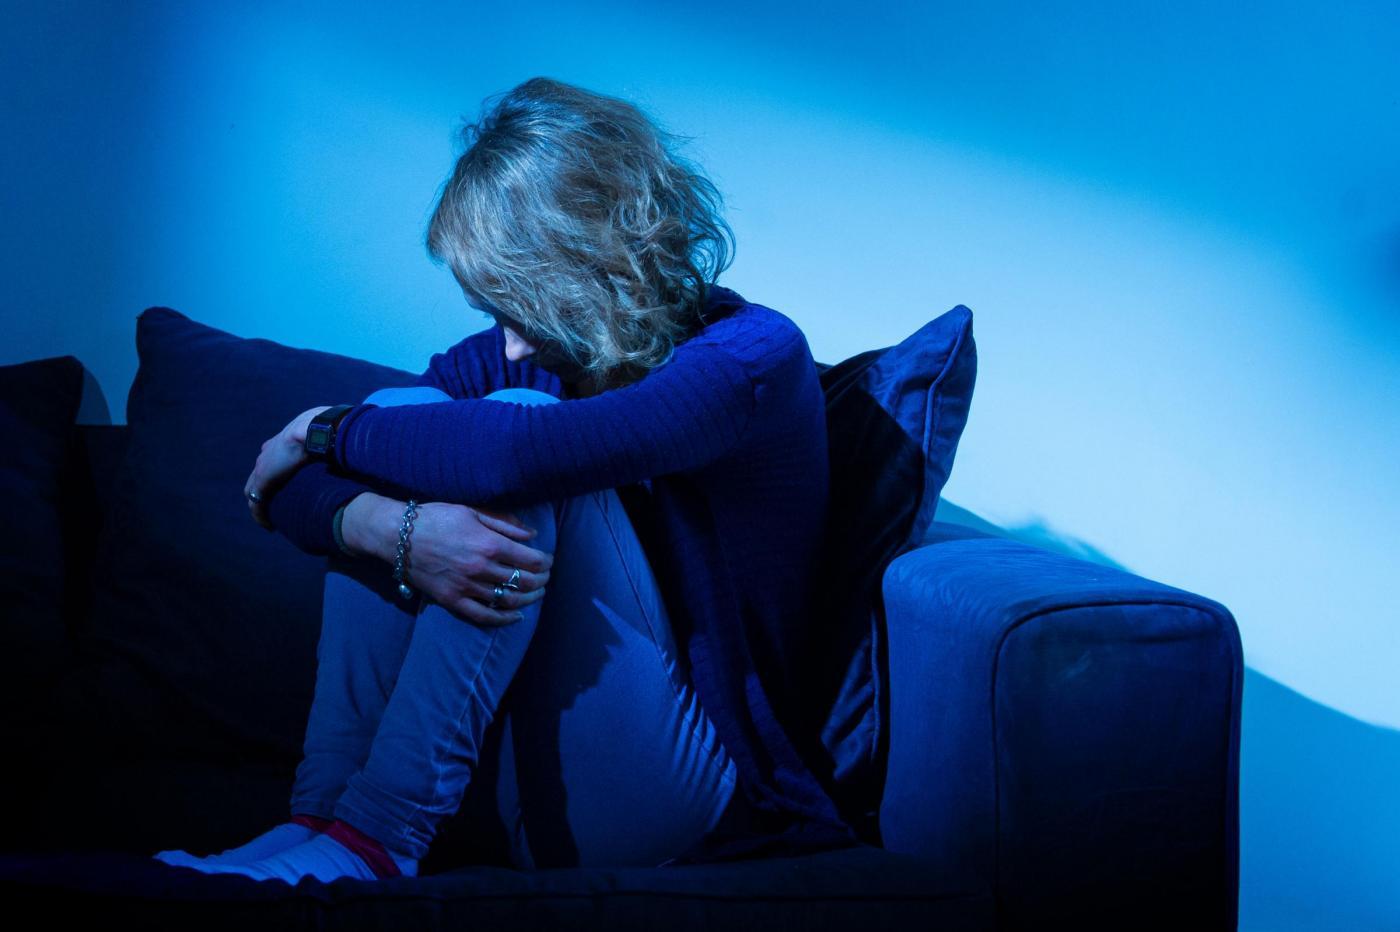 Depressa e in lista d'attesa, si uccide 14enne